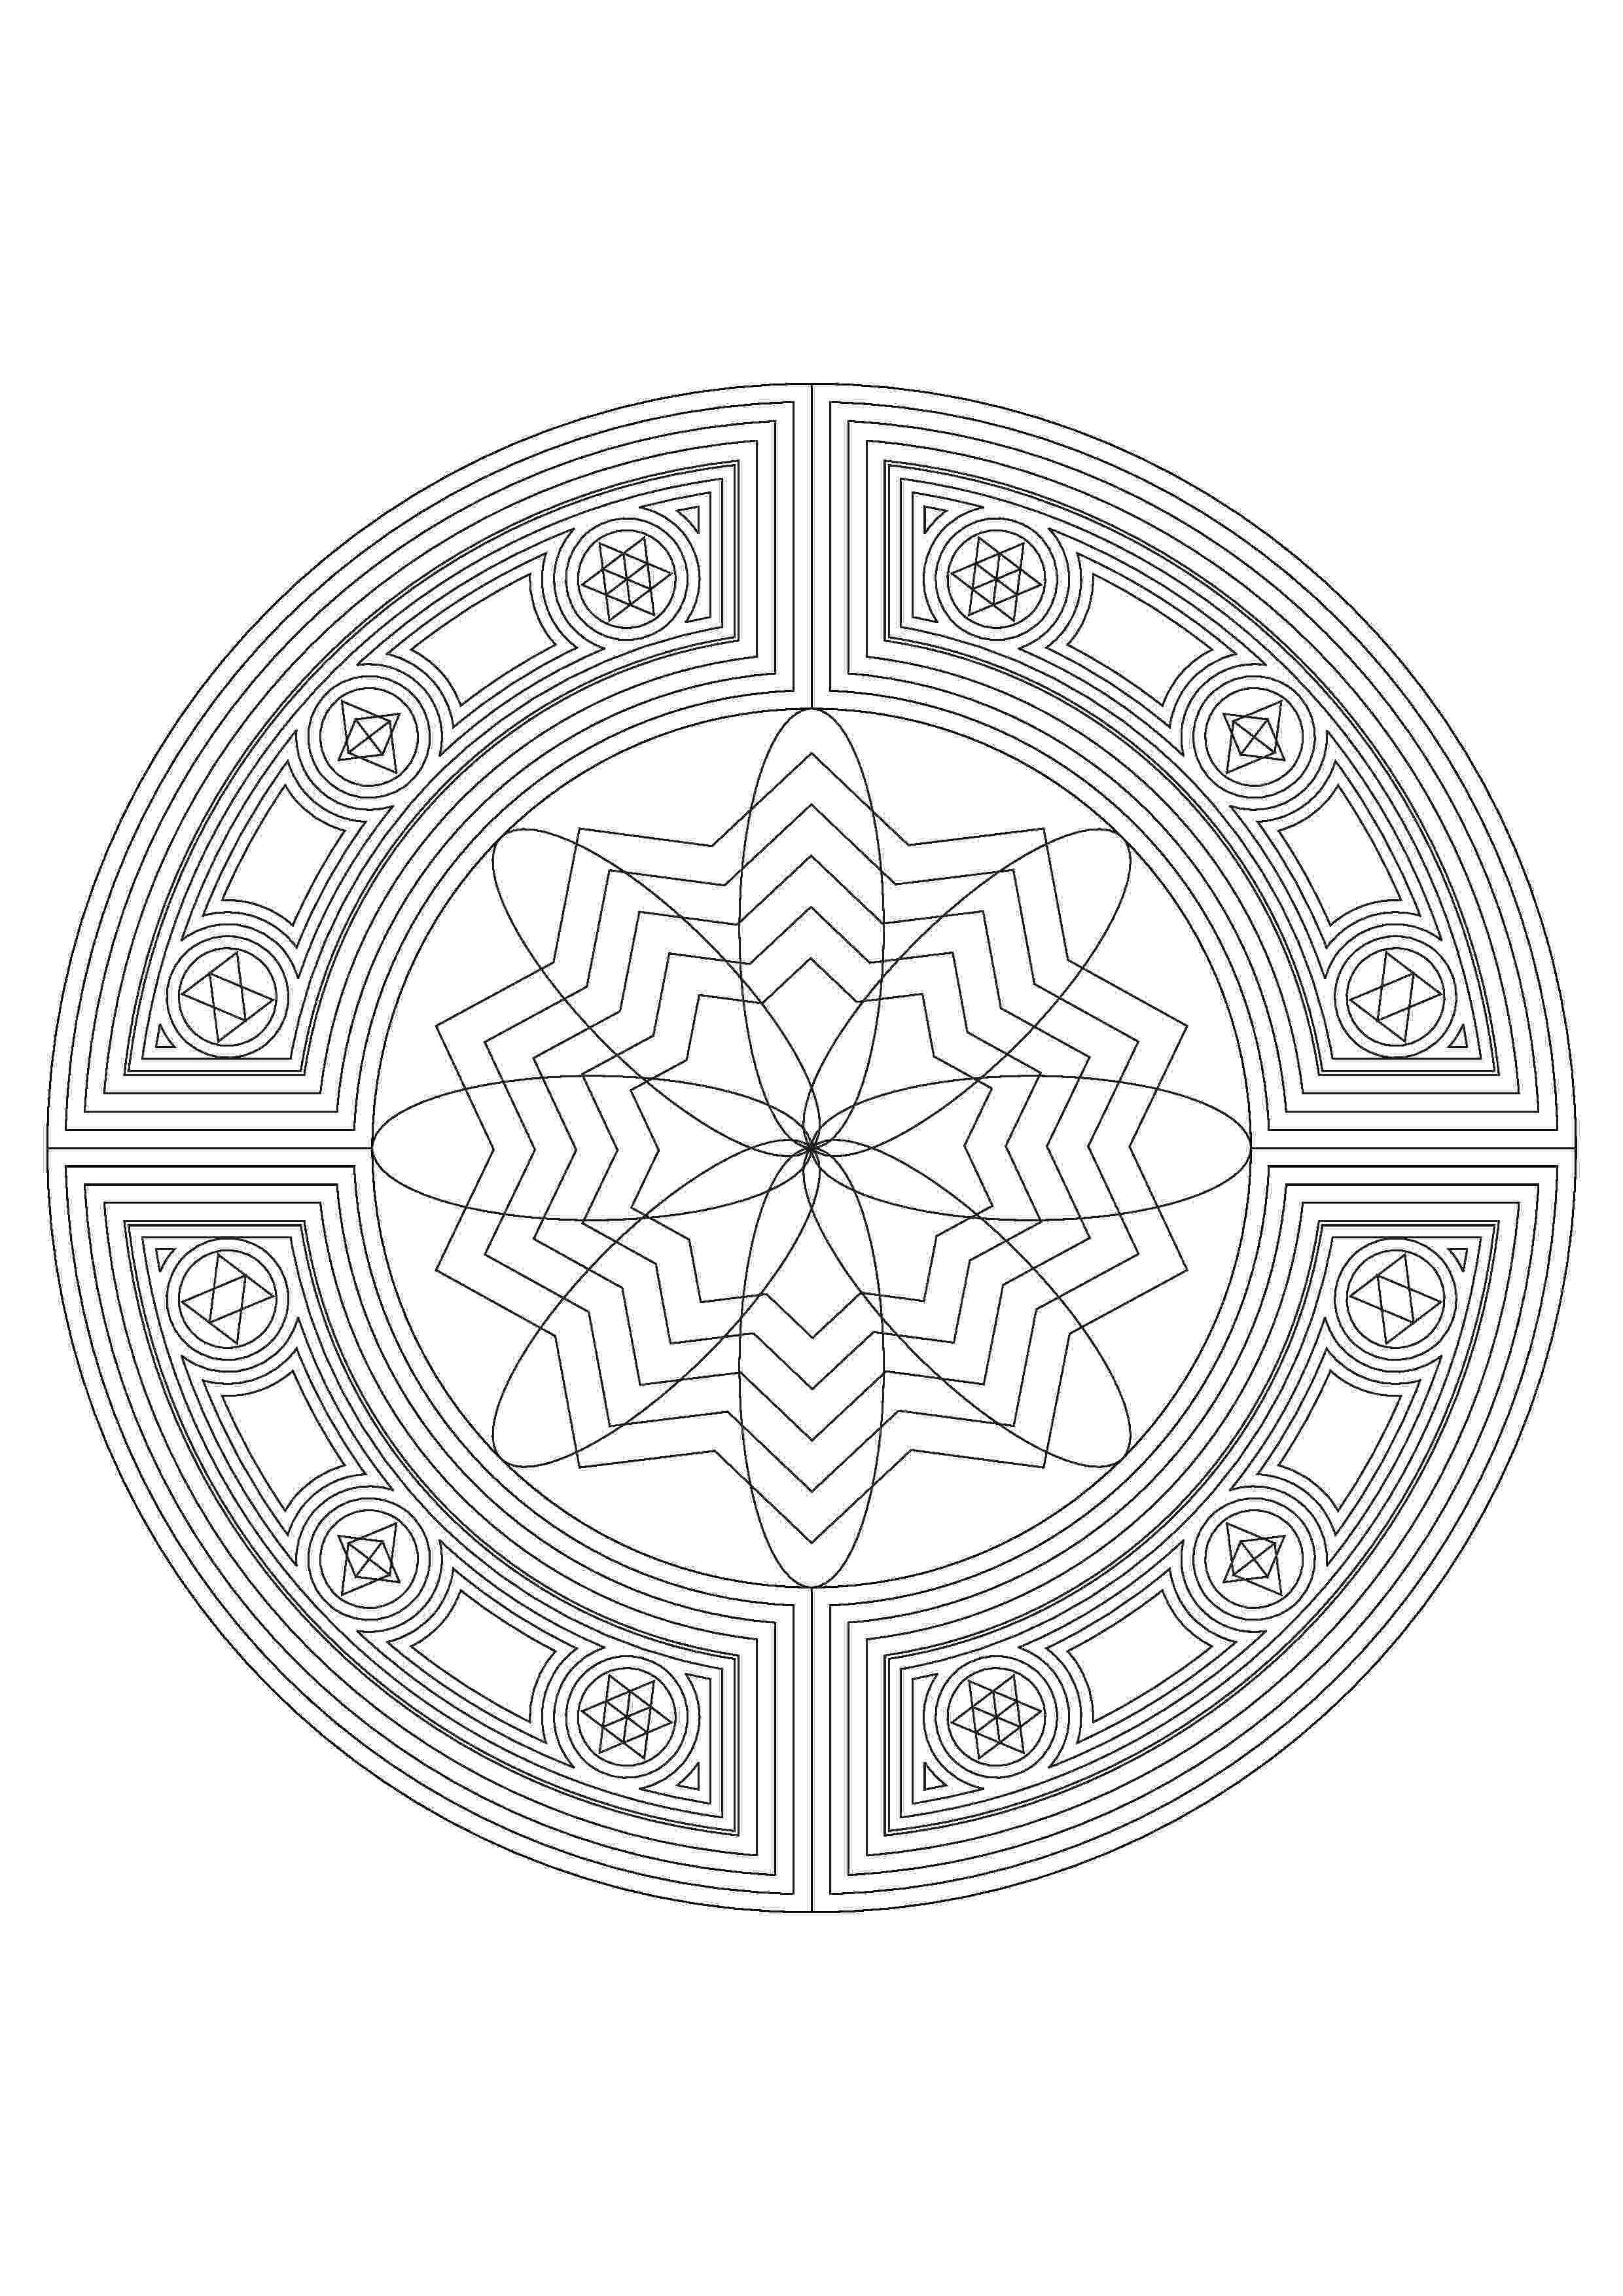 mandala coloring book online flower mandala coloring page free printable coloring pages coloring online mandala book